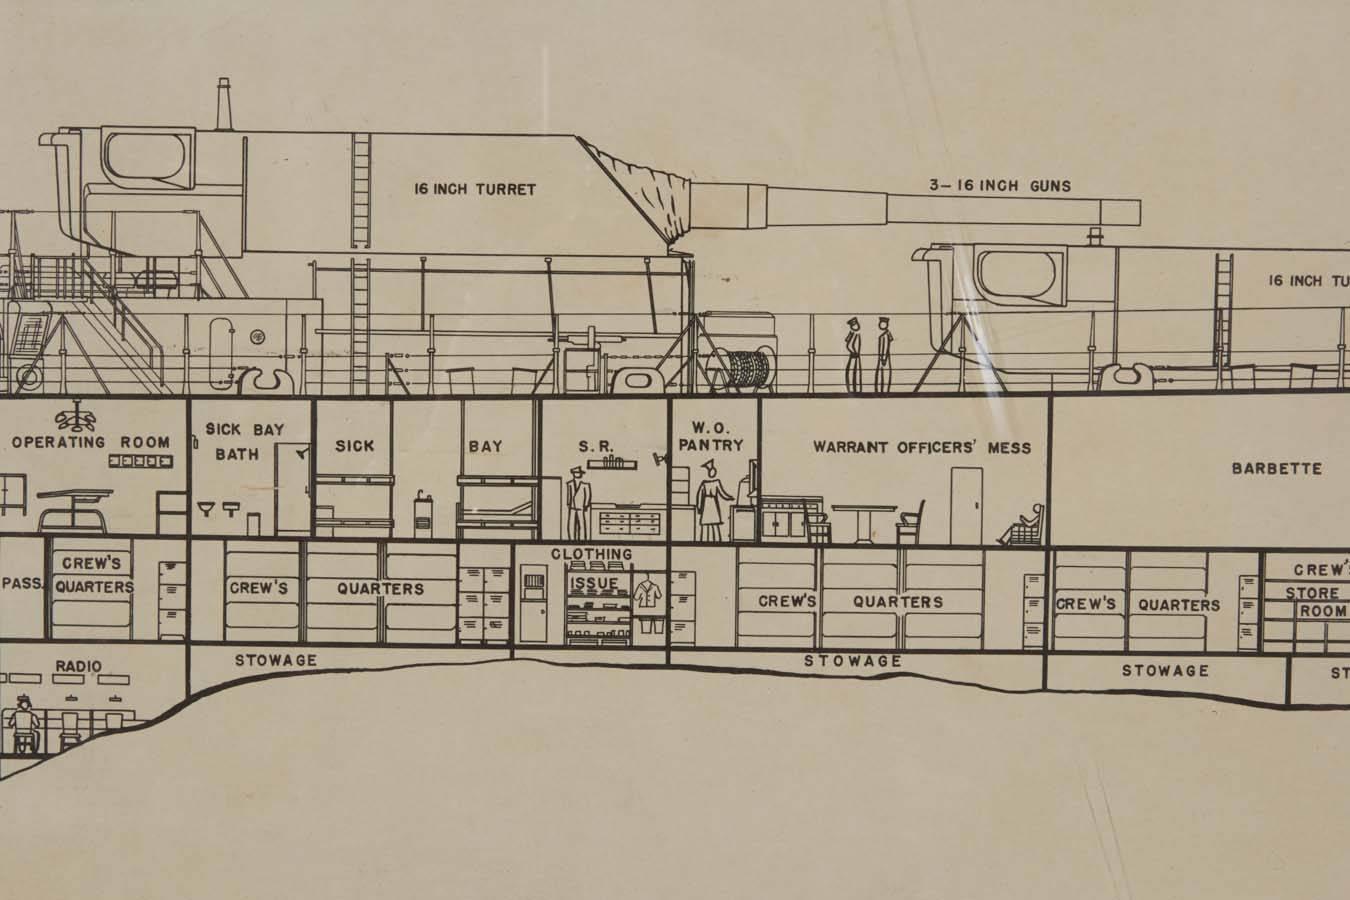 world war ii era framed battleship diagram for sale at 1stdibs. Black Bedroom Furniture Sets. Home Design Ideas